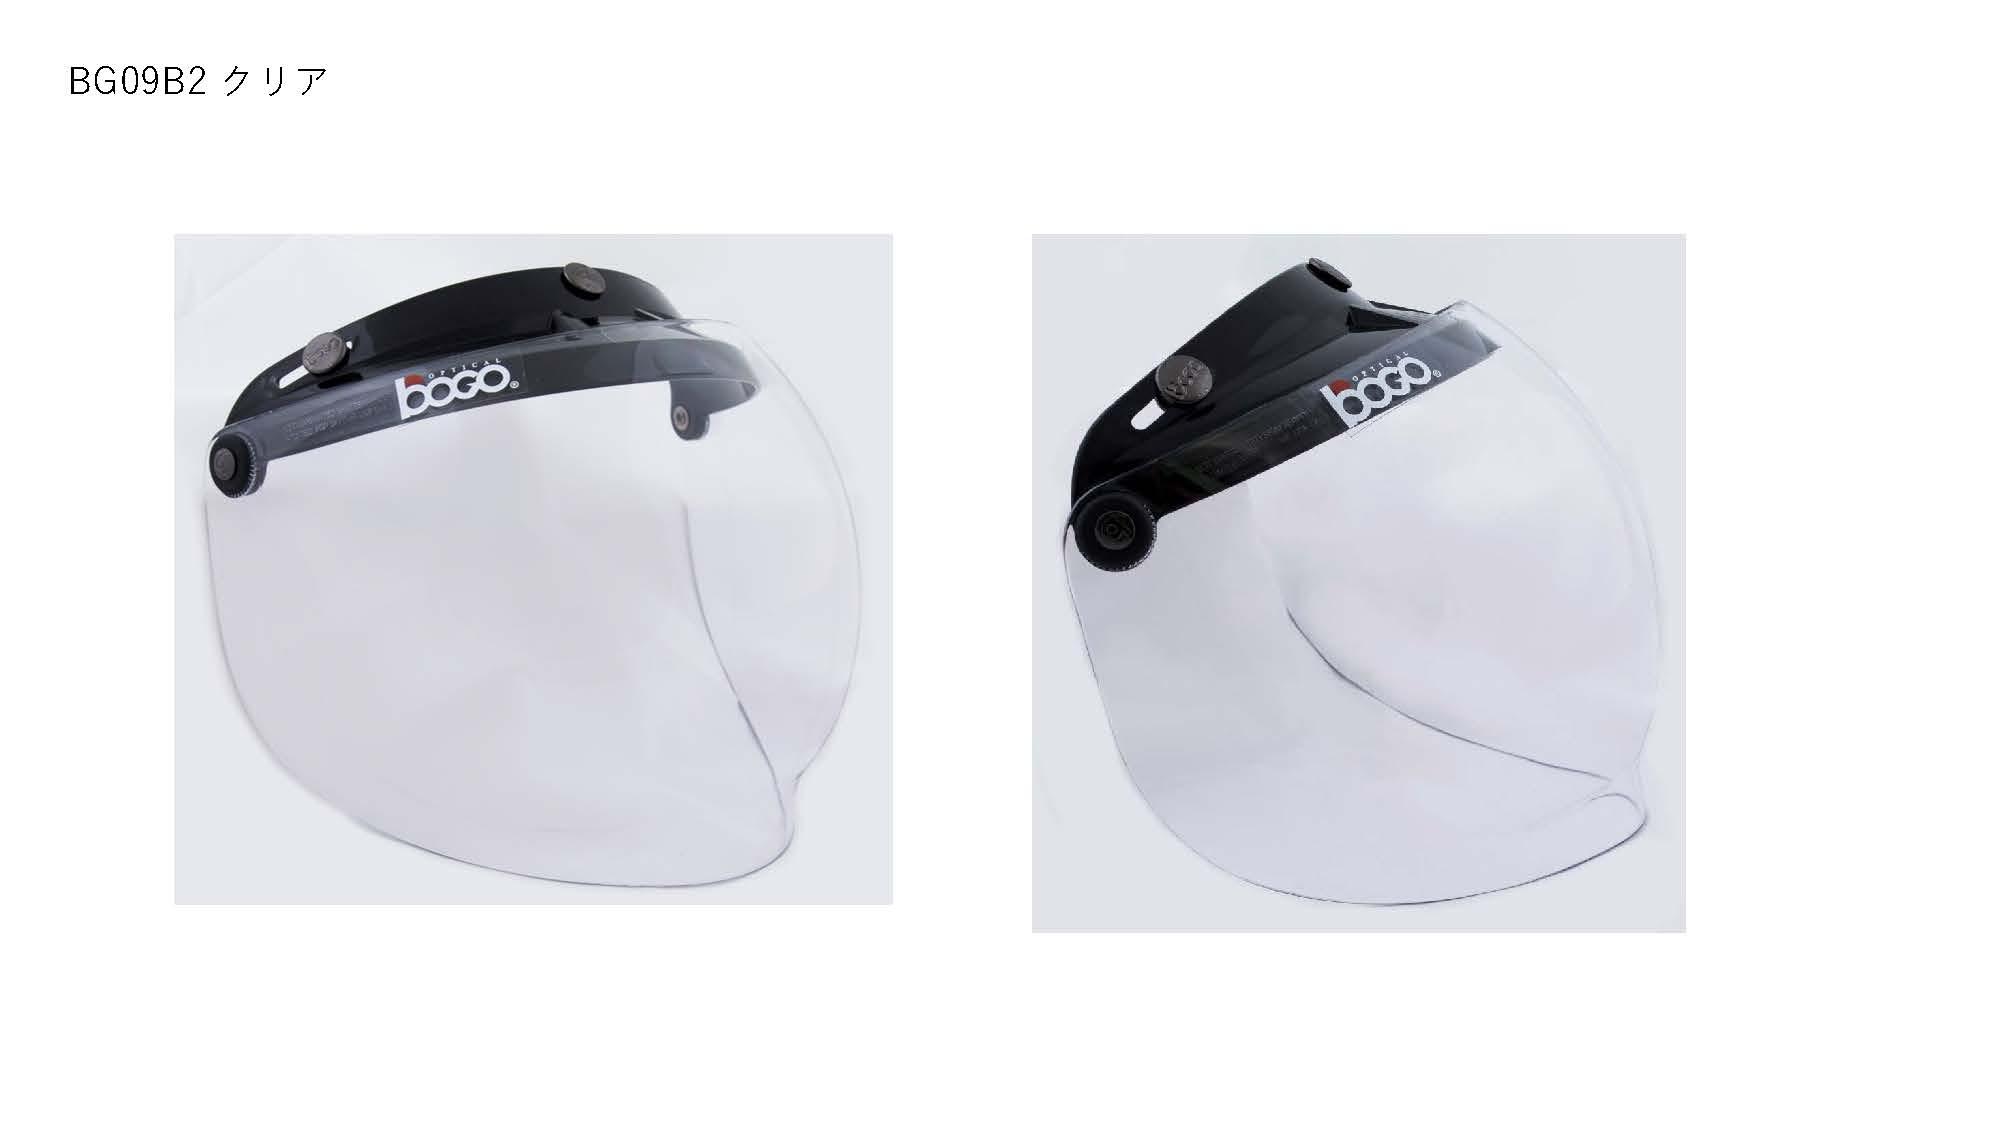 bogo ヘルメット用バイザー バブルシールド クリアー bg09b2